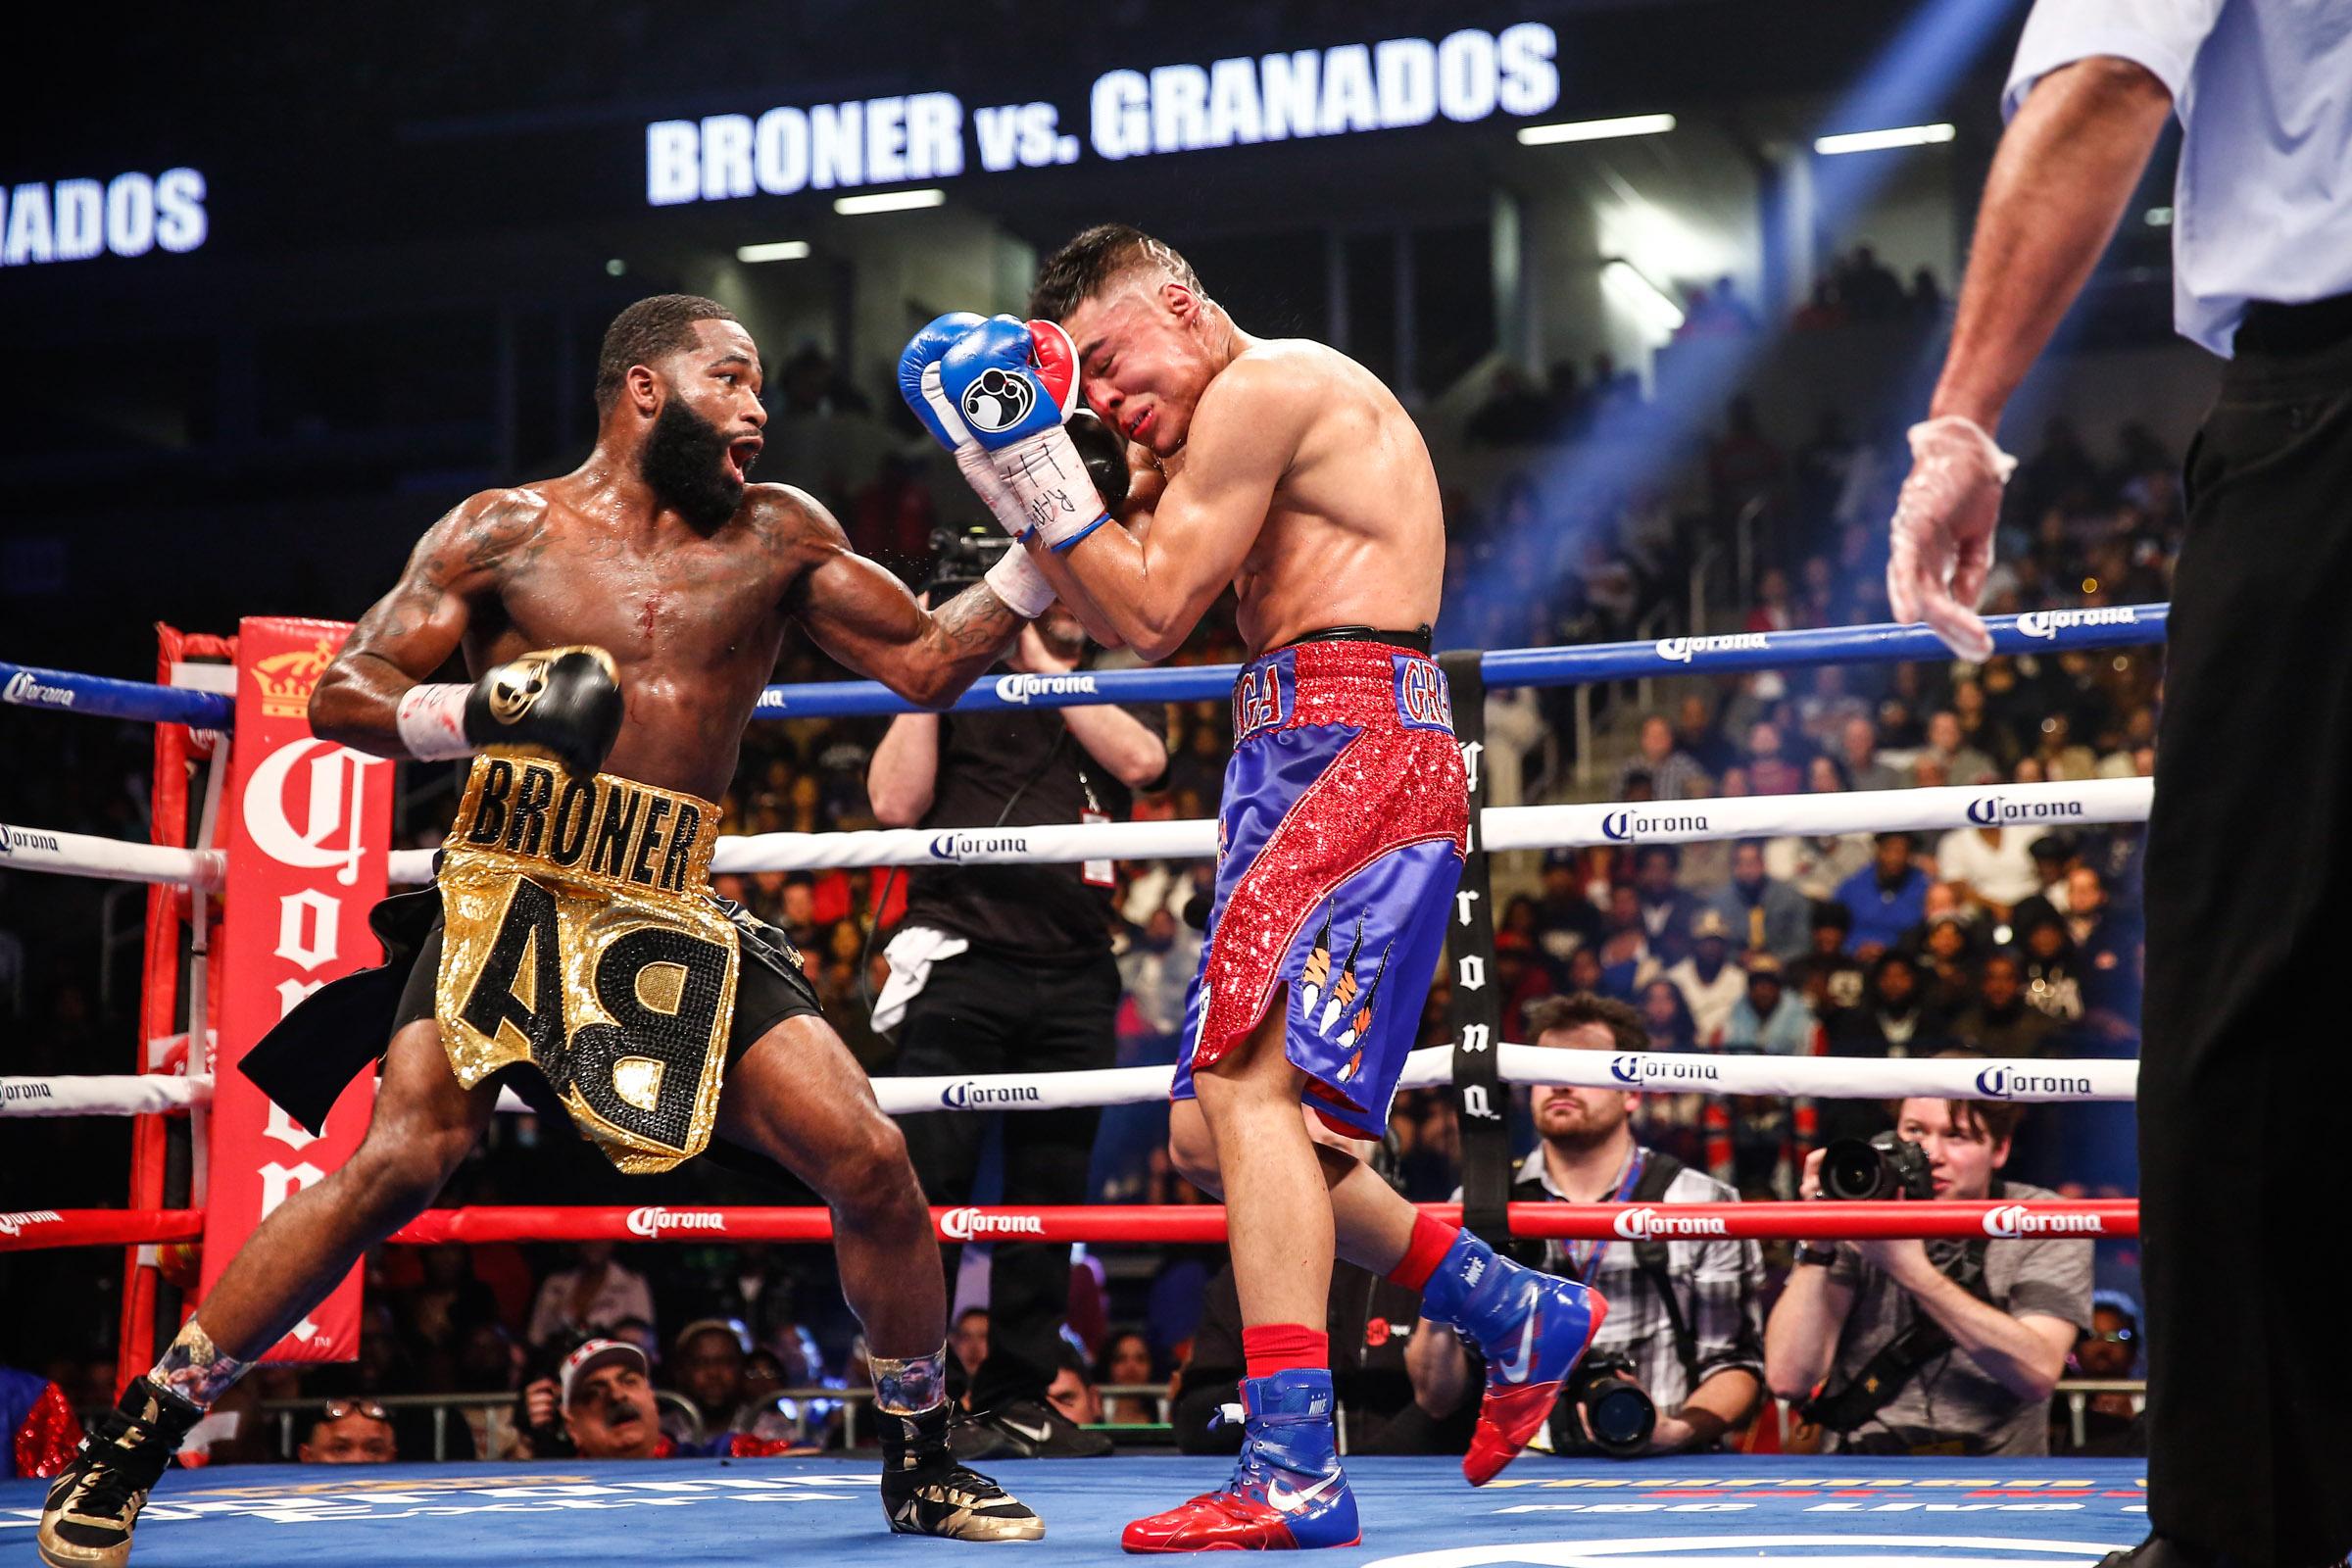 LR_SHO-FIGHT NIGHT-BRONER VS GRANADOS-02182017-9684.jpg